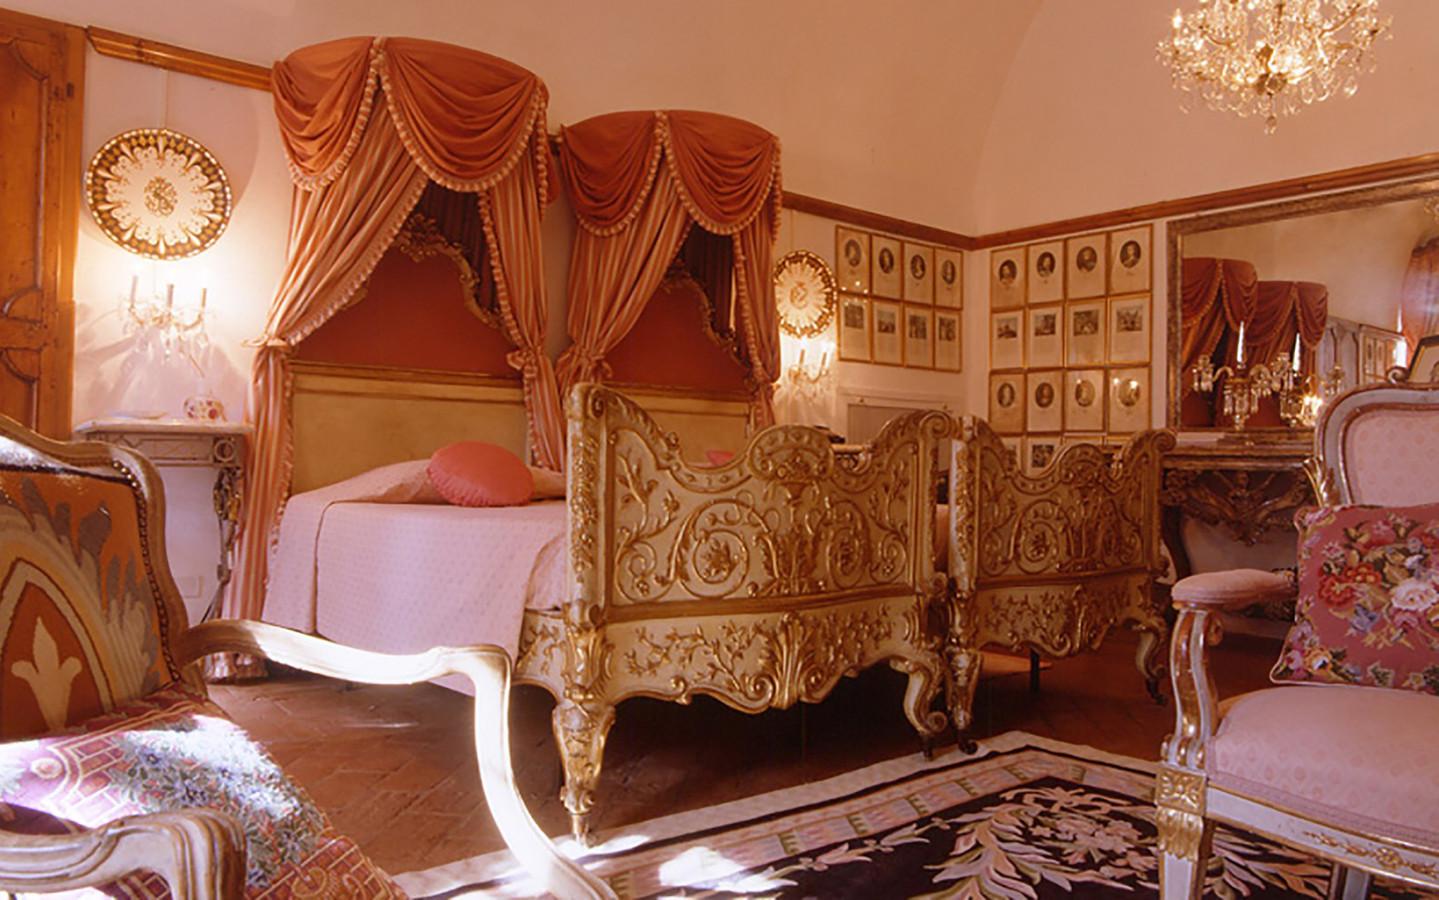 Lieke blikt terug op huwelijk het was liefdevol en magisch foto - Het creeren van een master suite ...